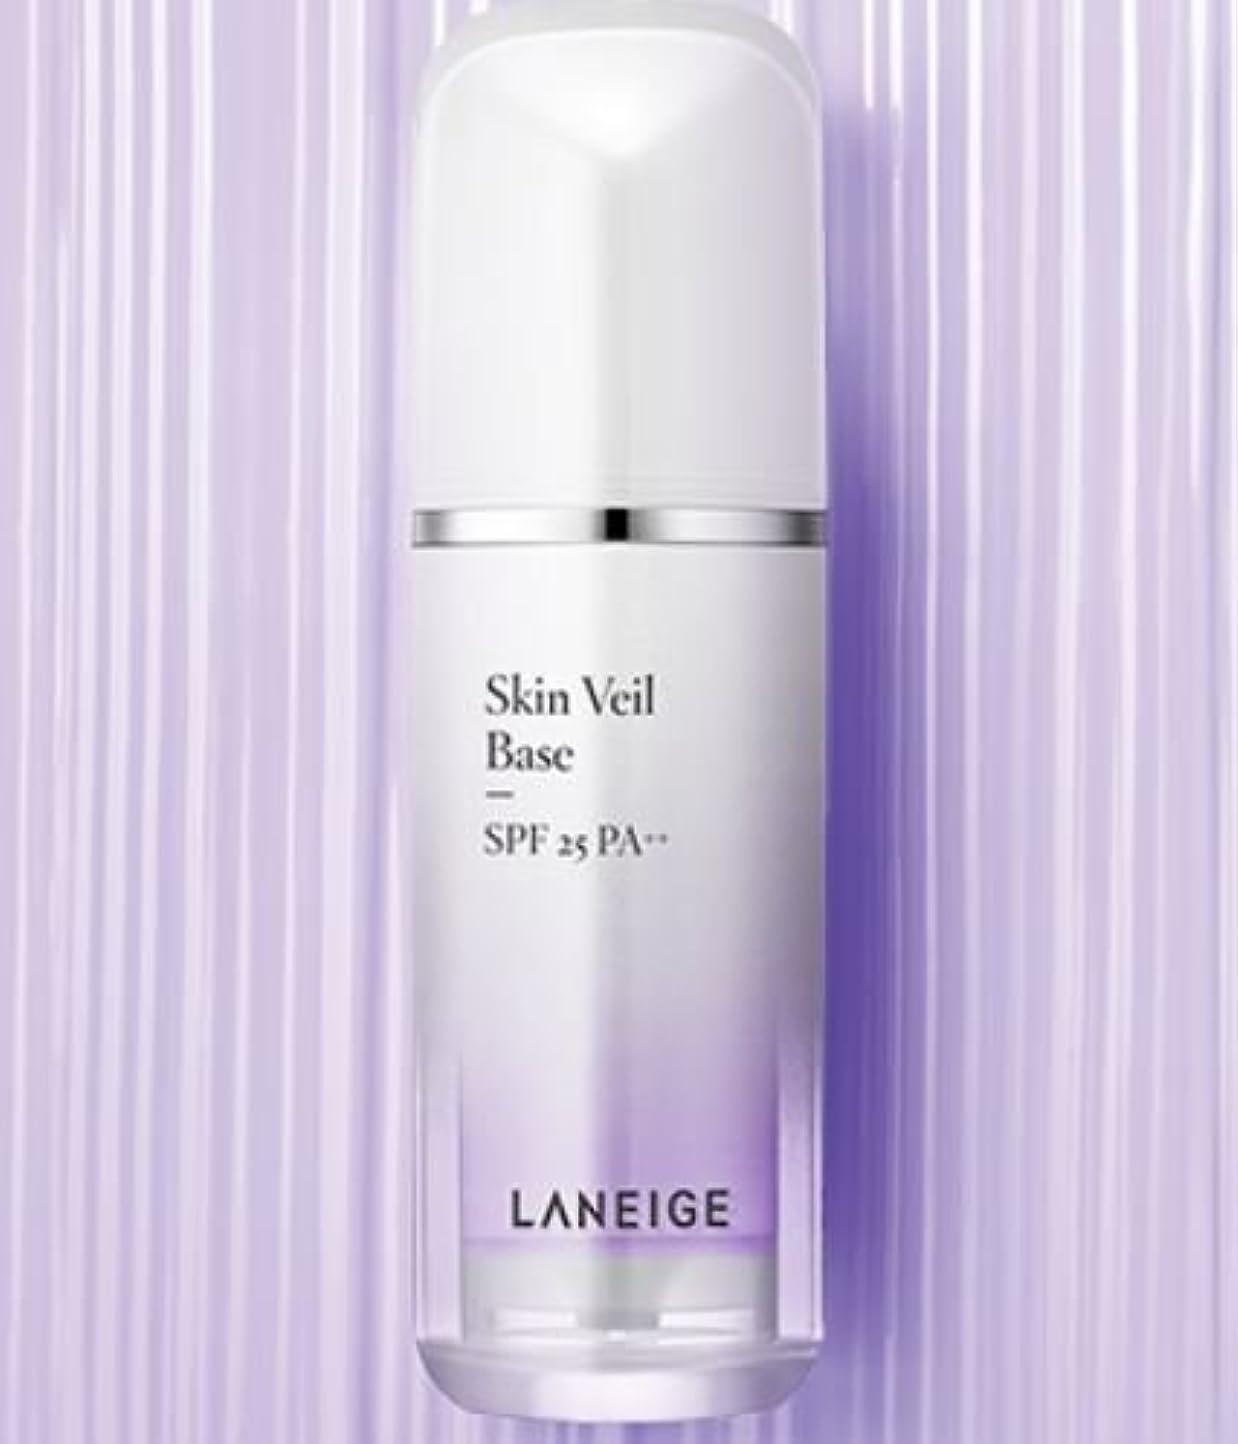 医学有効化退却[LANEIGE] Skin Veil Base SPF25 PA++ 30ml/[ラネージュ]スキンベールベース SPF25 PA++ 30ml (# 40 Pure Violet/ピュアバイオレット) [並行輸入品]